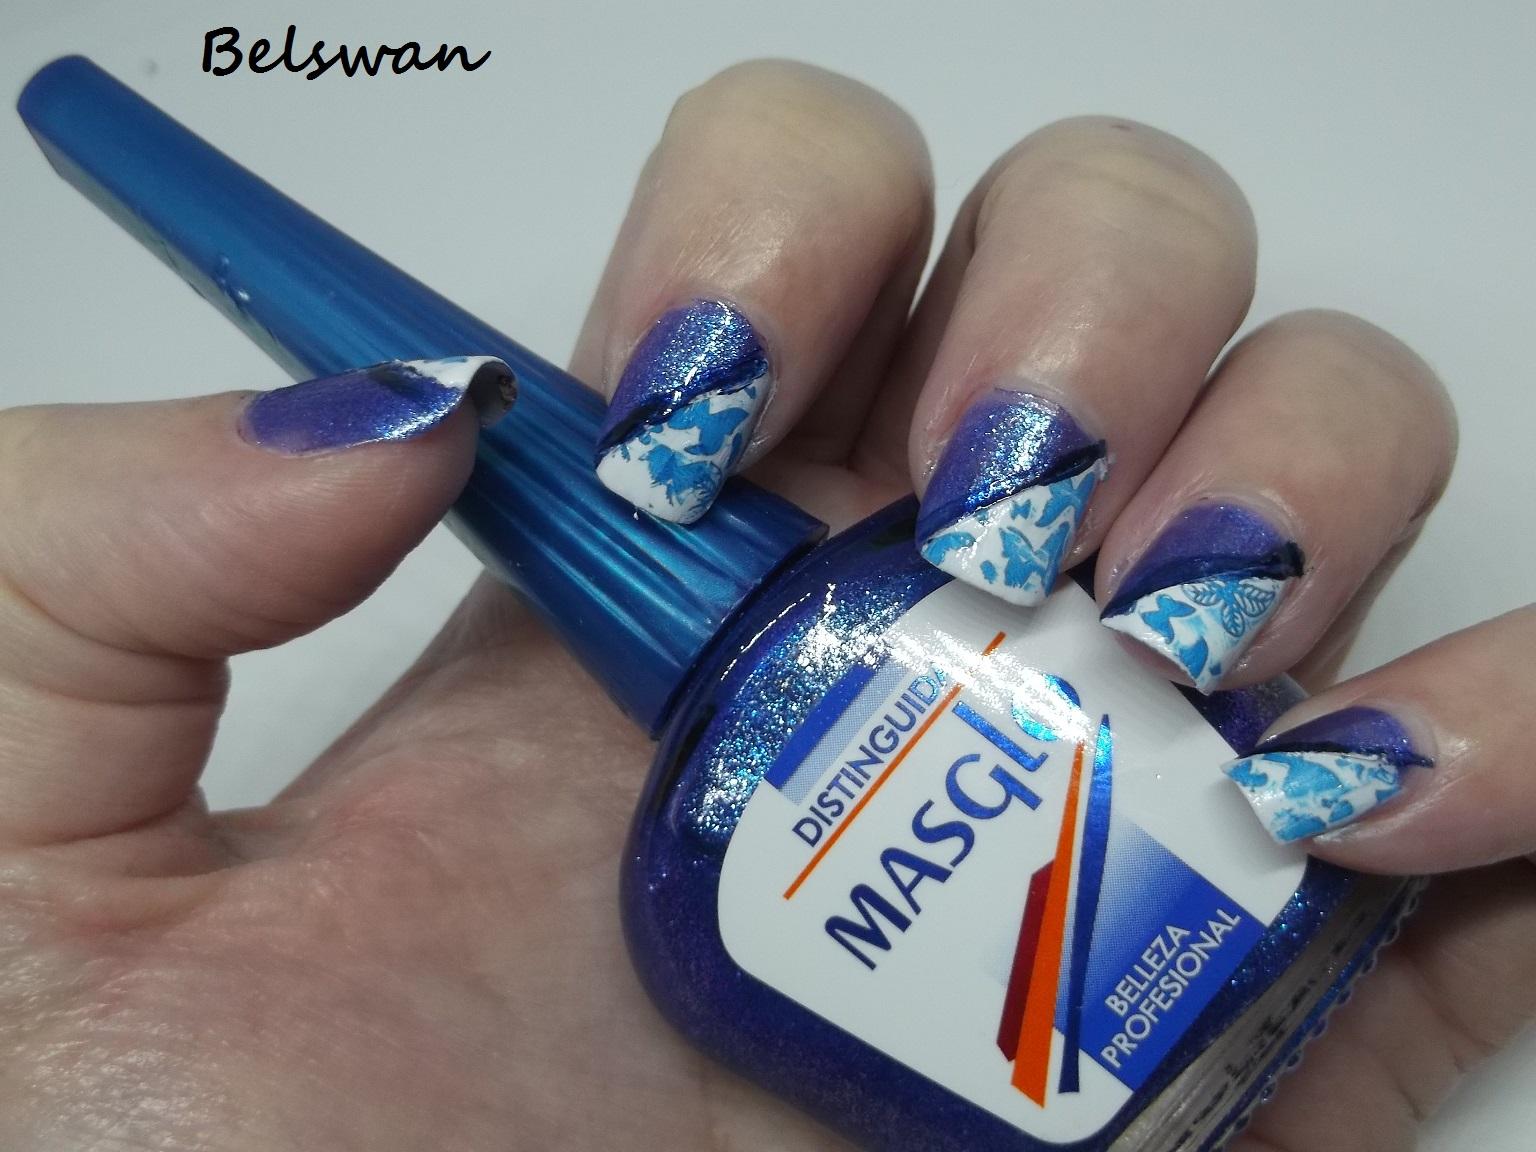 Belswan: Mostrando colores y manicuras de los esmaltes \